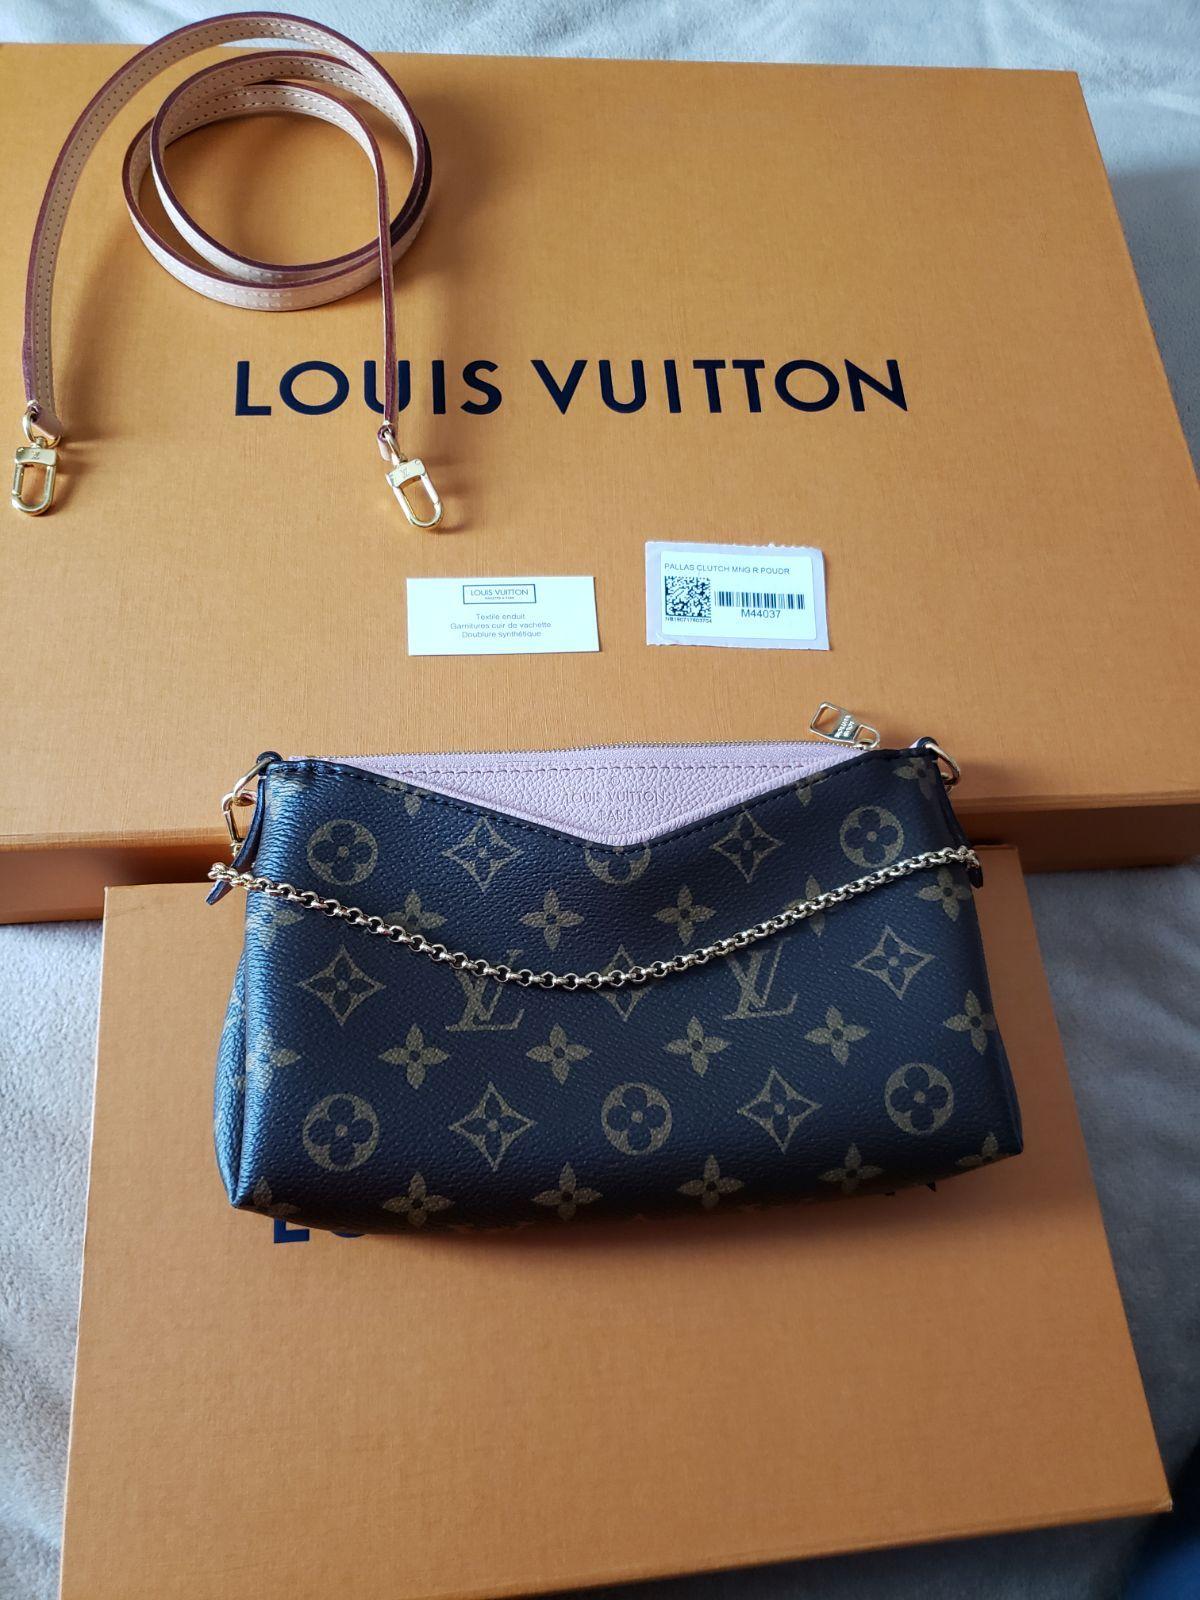 Brand new, never worn Louis Vuitton monogram Pallas clutch